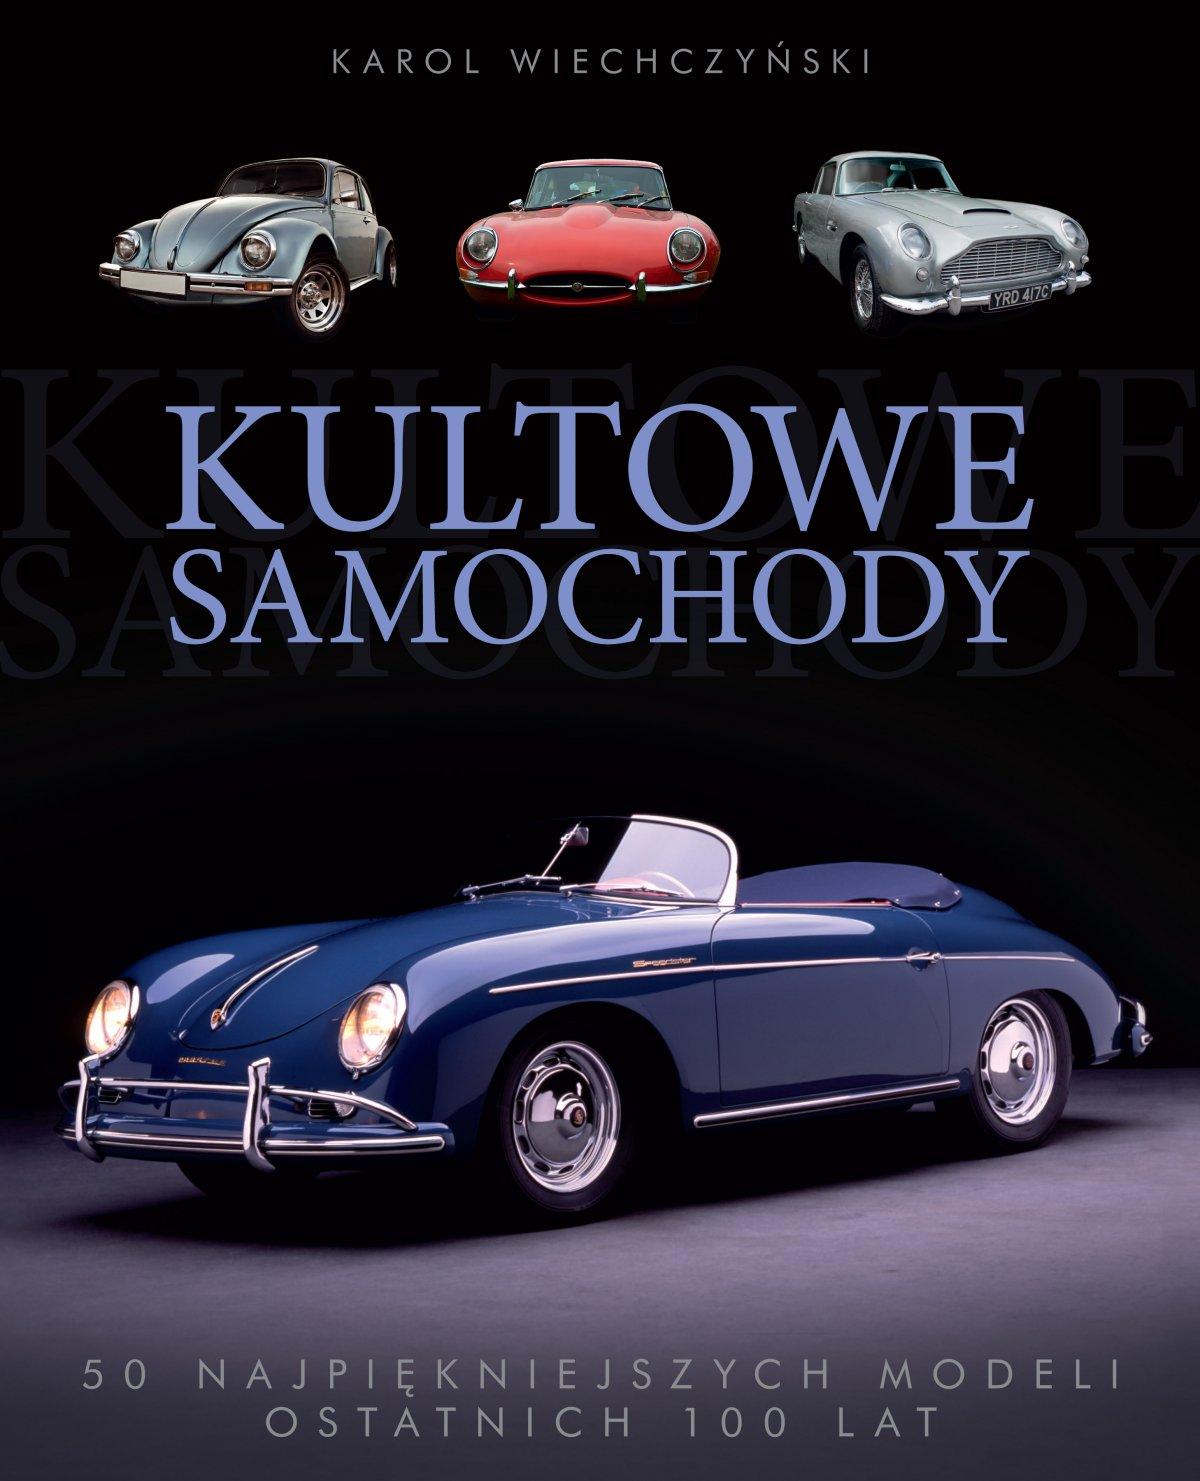 Kultowe samochody - Ebook (Książka PDF) do pobrania w formacie PDF